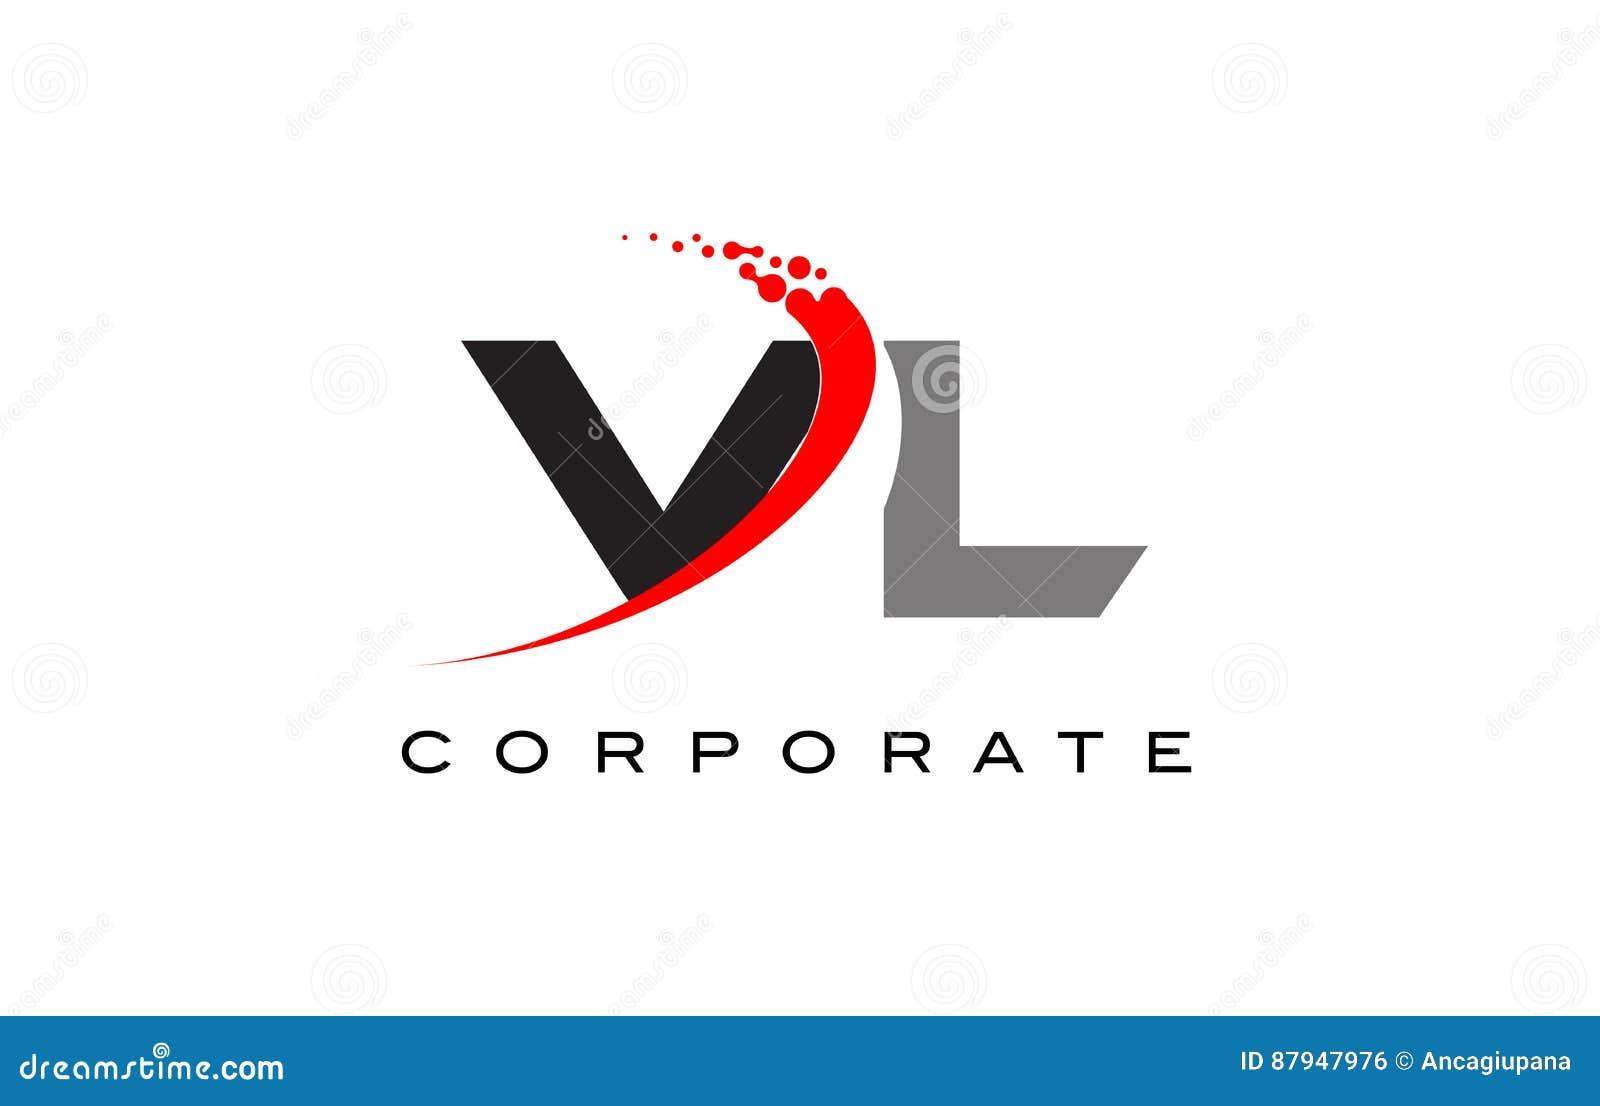 Vl Modern Letter Logo Design With Swoosh Stock Illustration